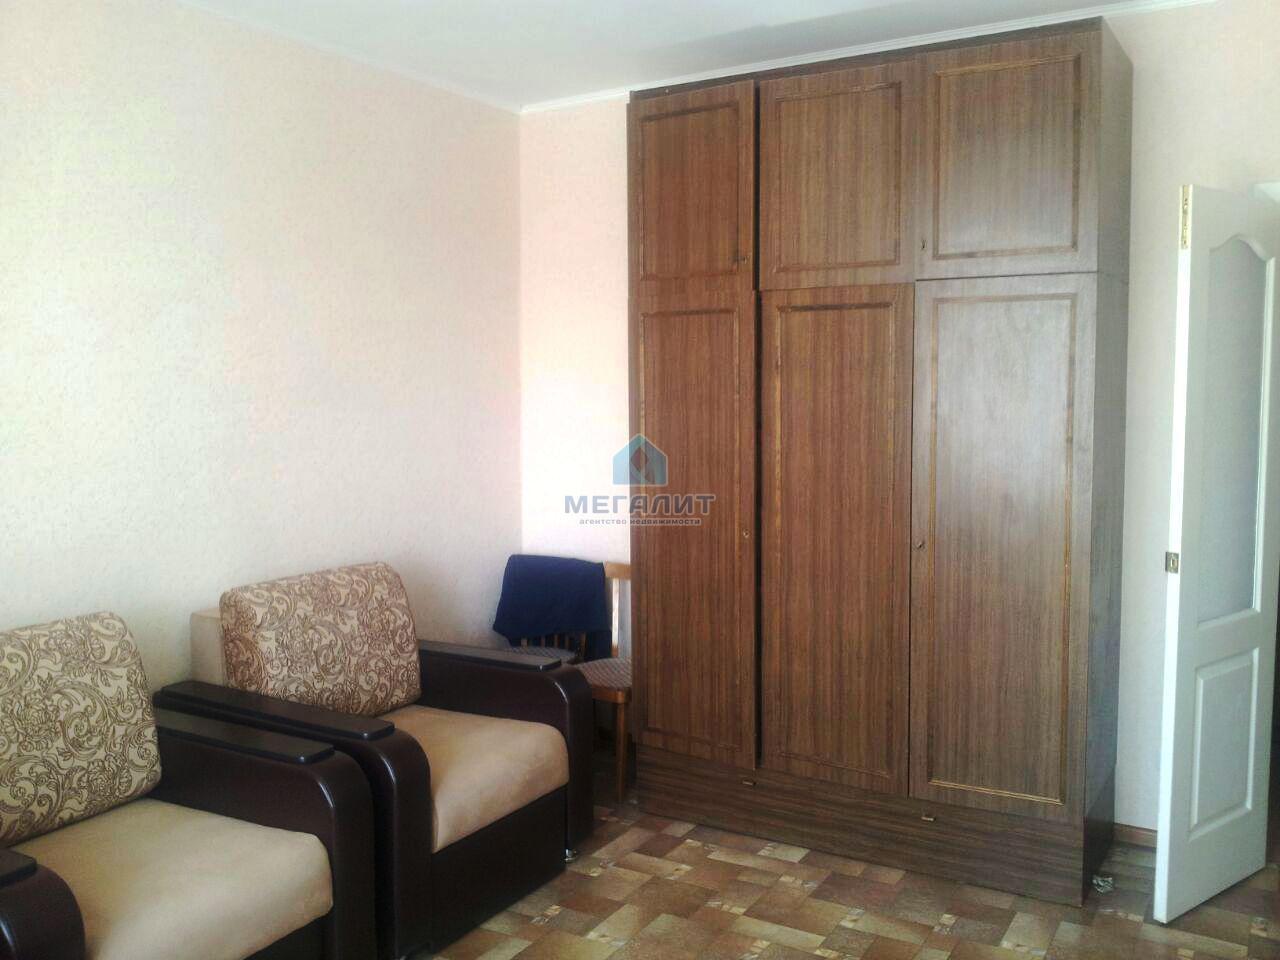 Аренда 2-к квартиры Академика Губкина 30в, 56 м²  (миниатюра №11)